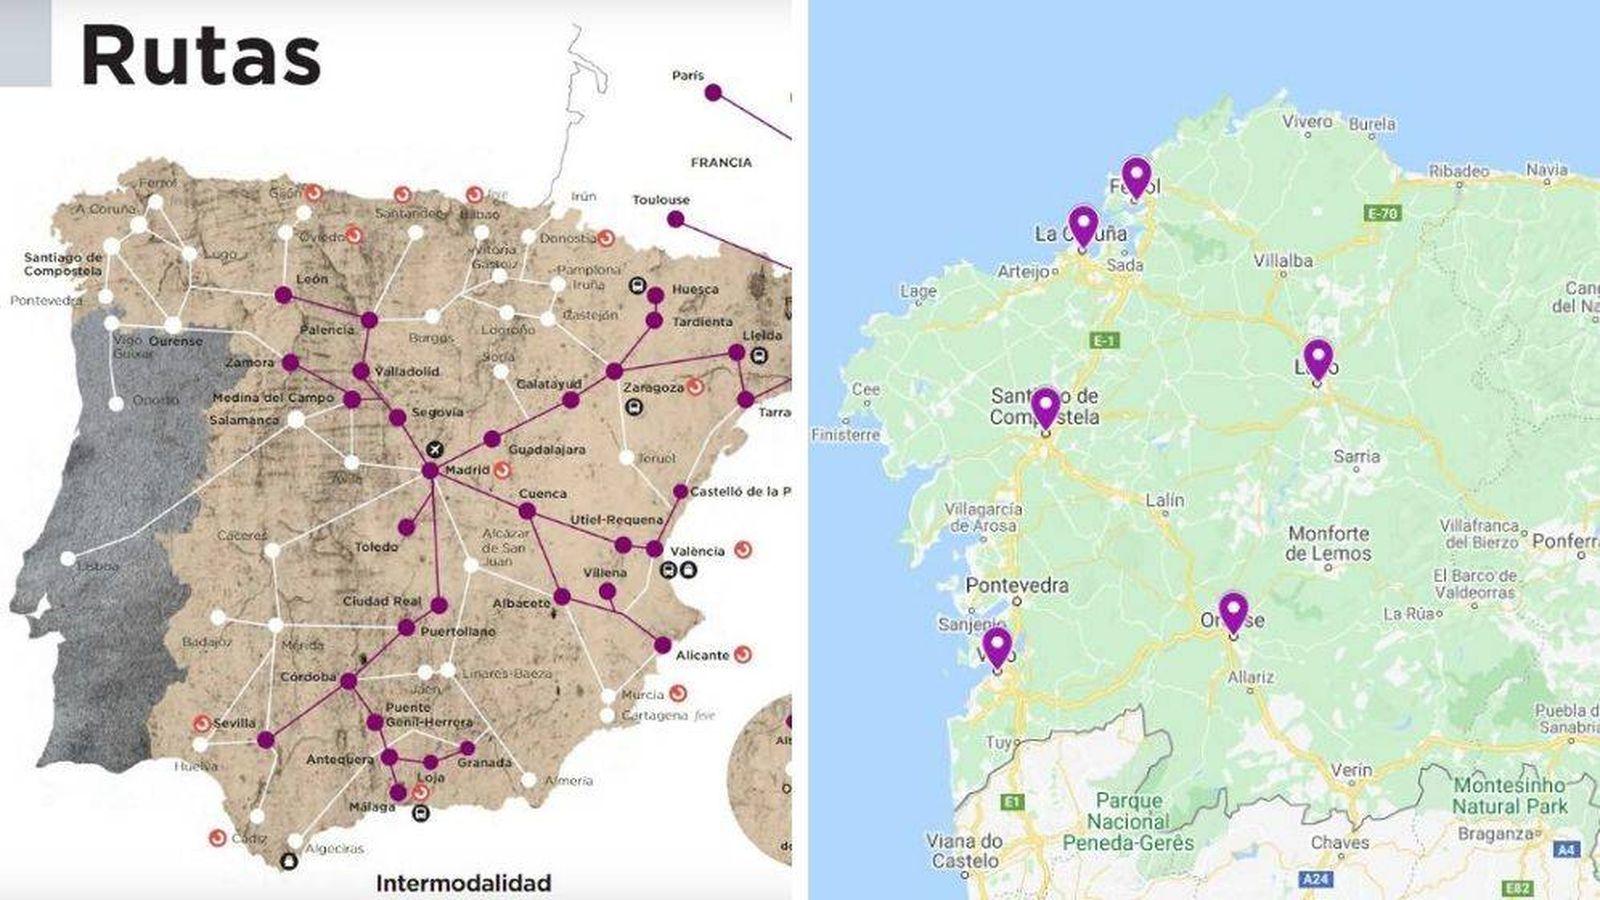 Oporto En El Mapa.Renfe Se Inventa Su Propio Mapa Vigo Es Portugal Y Oporto Pierde El Mar